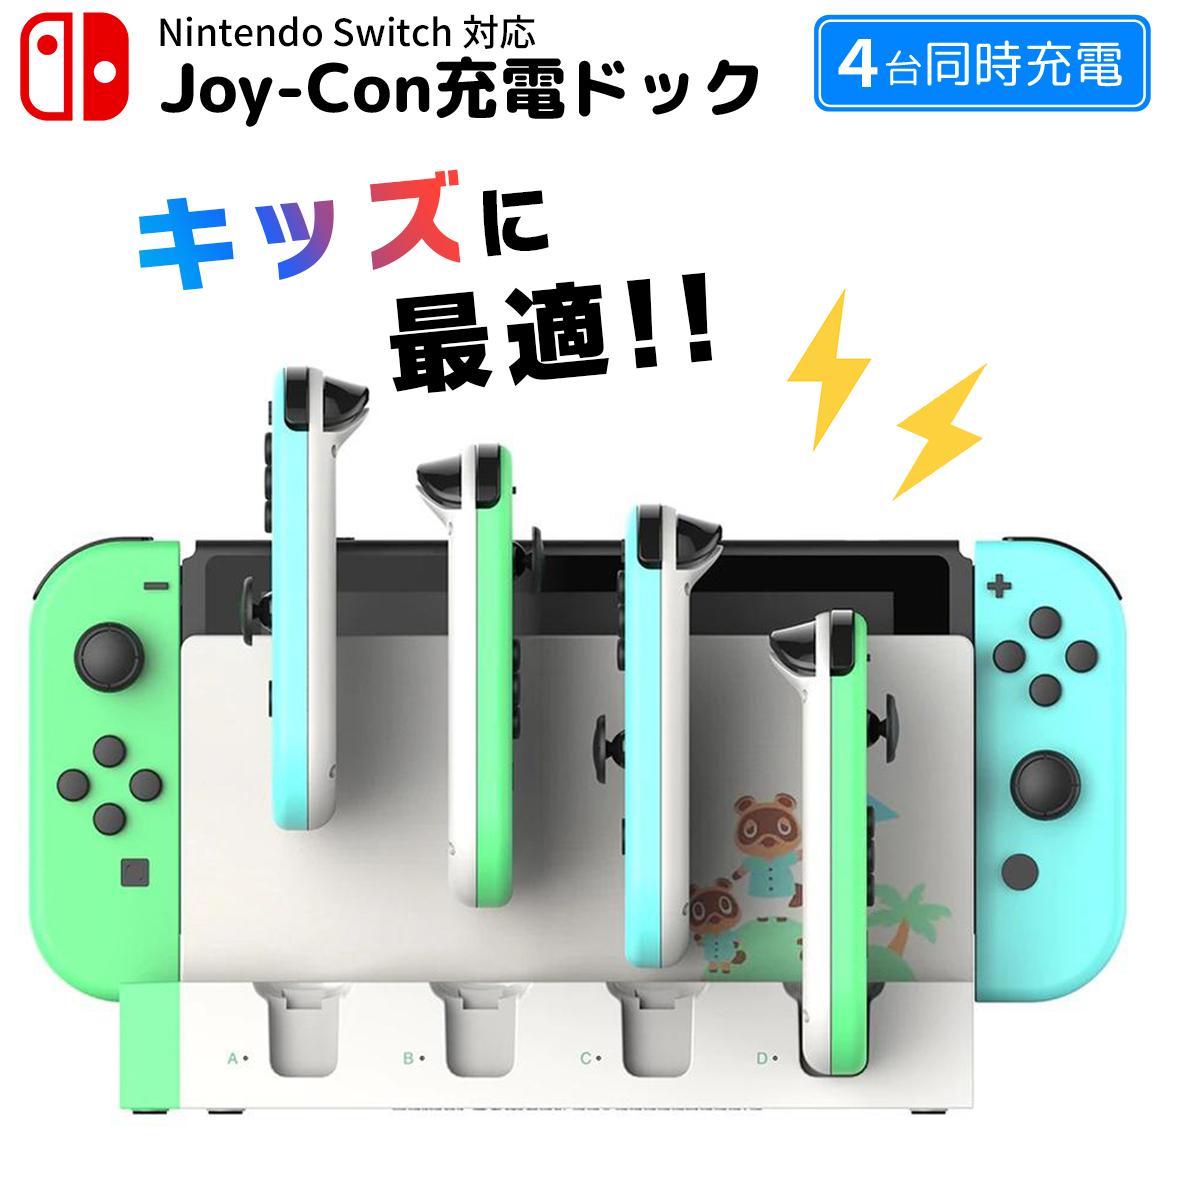 ジョイコンをまとめて収納 モンスターハンターライズの予備コンに 即日発送 Nintendo Switch スイッチ 4台同時充電 ジョイコン 充電ドック 充電スタンド 4年保証 純正 Joy-Con コントローラー ポイント消化 スイッチドックに差し込むだけ 収納 ニンテンドー 充電器 送料無料 値引き 緑 白 任天堂 充電